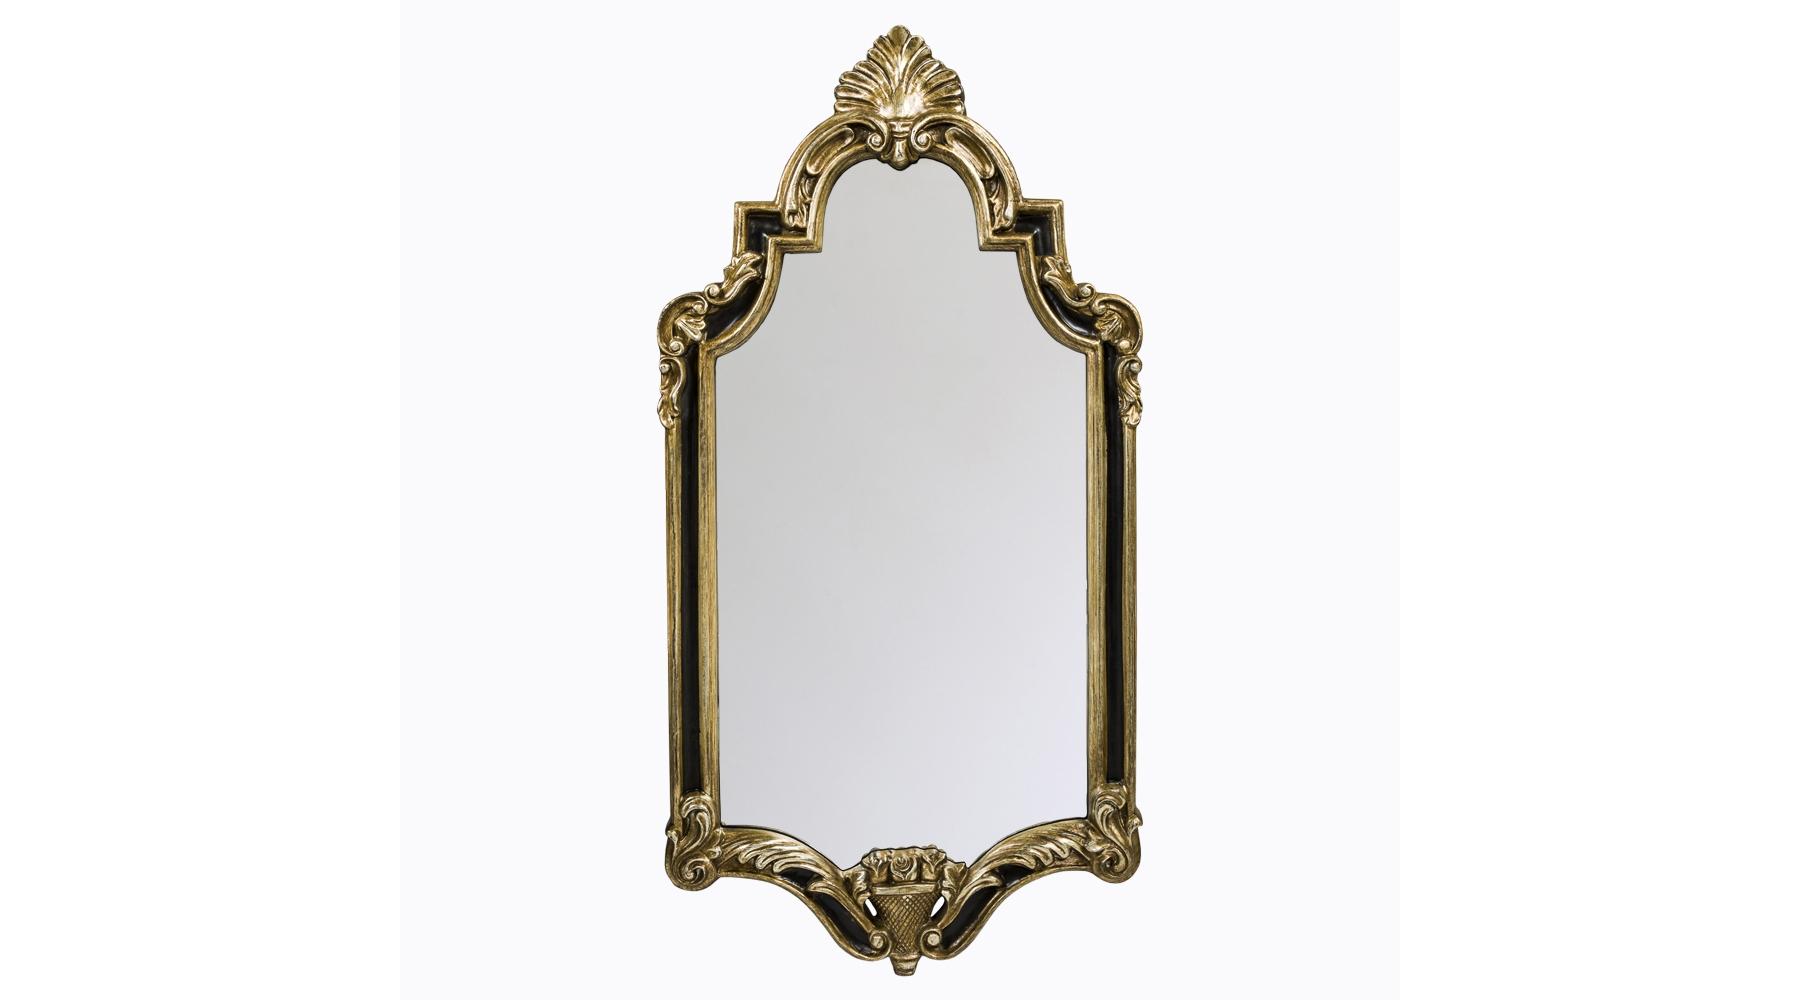 Настенное зеркало «Олимпия»Настенные зеркала<br>Зеркало в раме со строгими пропорциями и филигранной резьбой будет гармонично смотреться среди интерьера, оформленном в стиле модерн, ампир, классицизм или ар-деко. Обрамление изготовлено из мебельного полиуретана, долговечного современного материала, который легко имитирует фактуры ценных пород древесины, мрамора, металла и даже слоновой кости. ППУ не боится влаги, очень крепок, не крошится и не трескается. Зеркало толщиной 5 мм покрыто серебряной амальгамой и обработано по контуру фацетом. Размер изделия: 50?99,5?3,6 см.<br><br>Material: Пластик<br>Width см: 50<br>Depth см: 3,6<br>Height см: 99,5